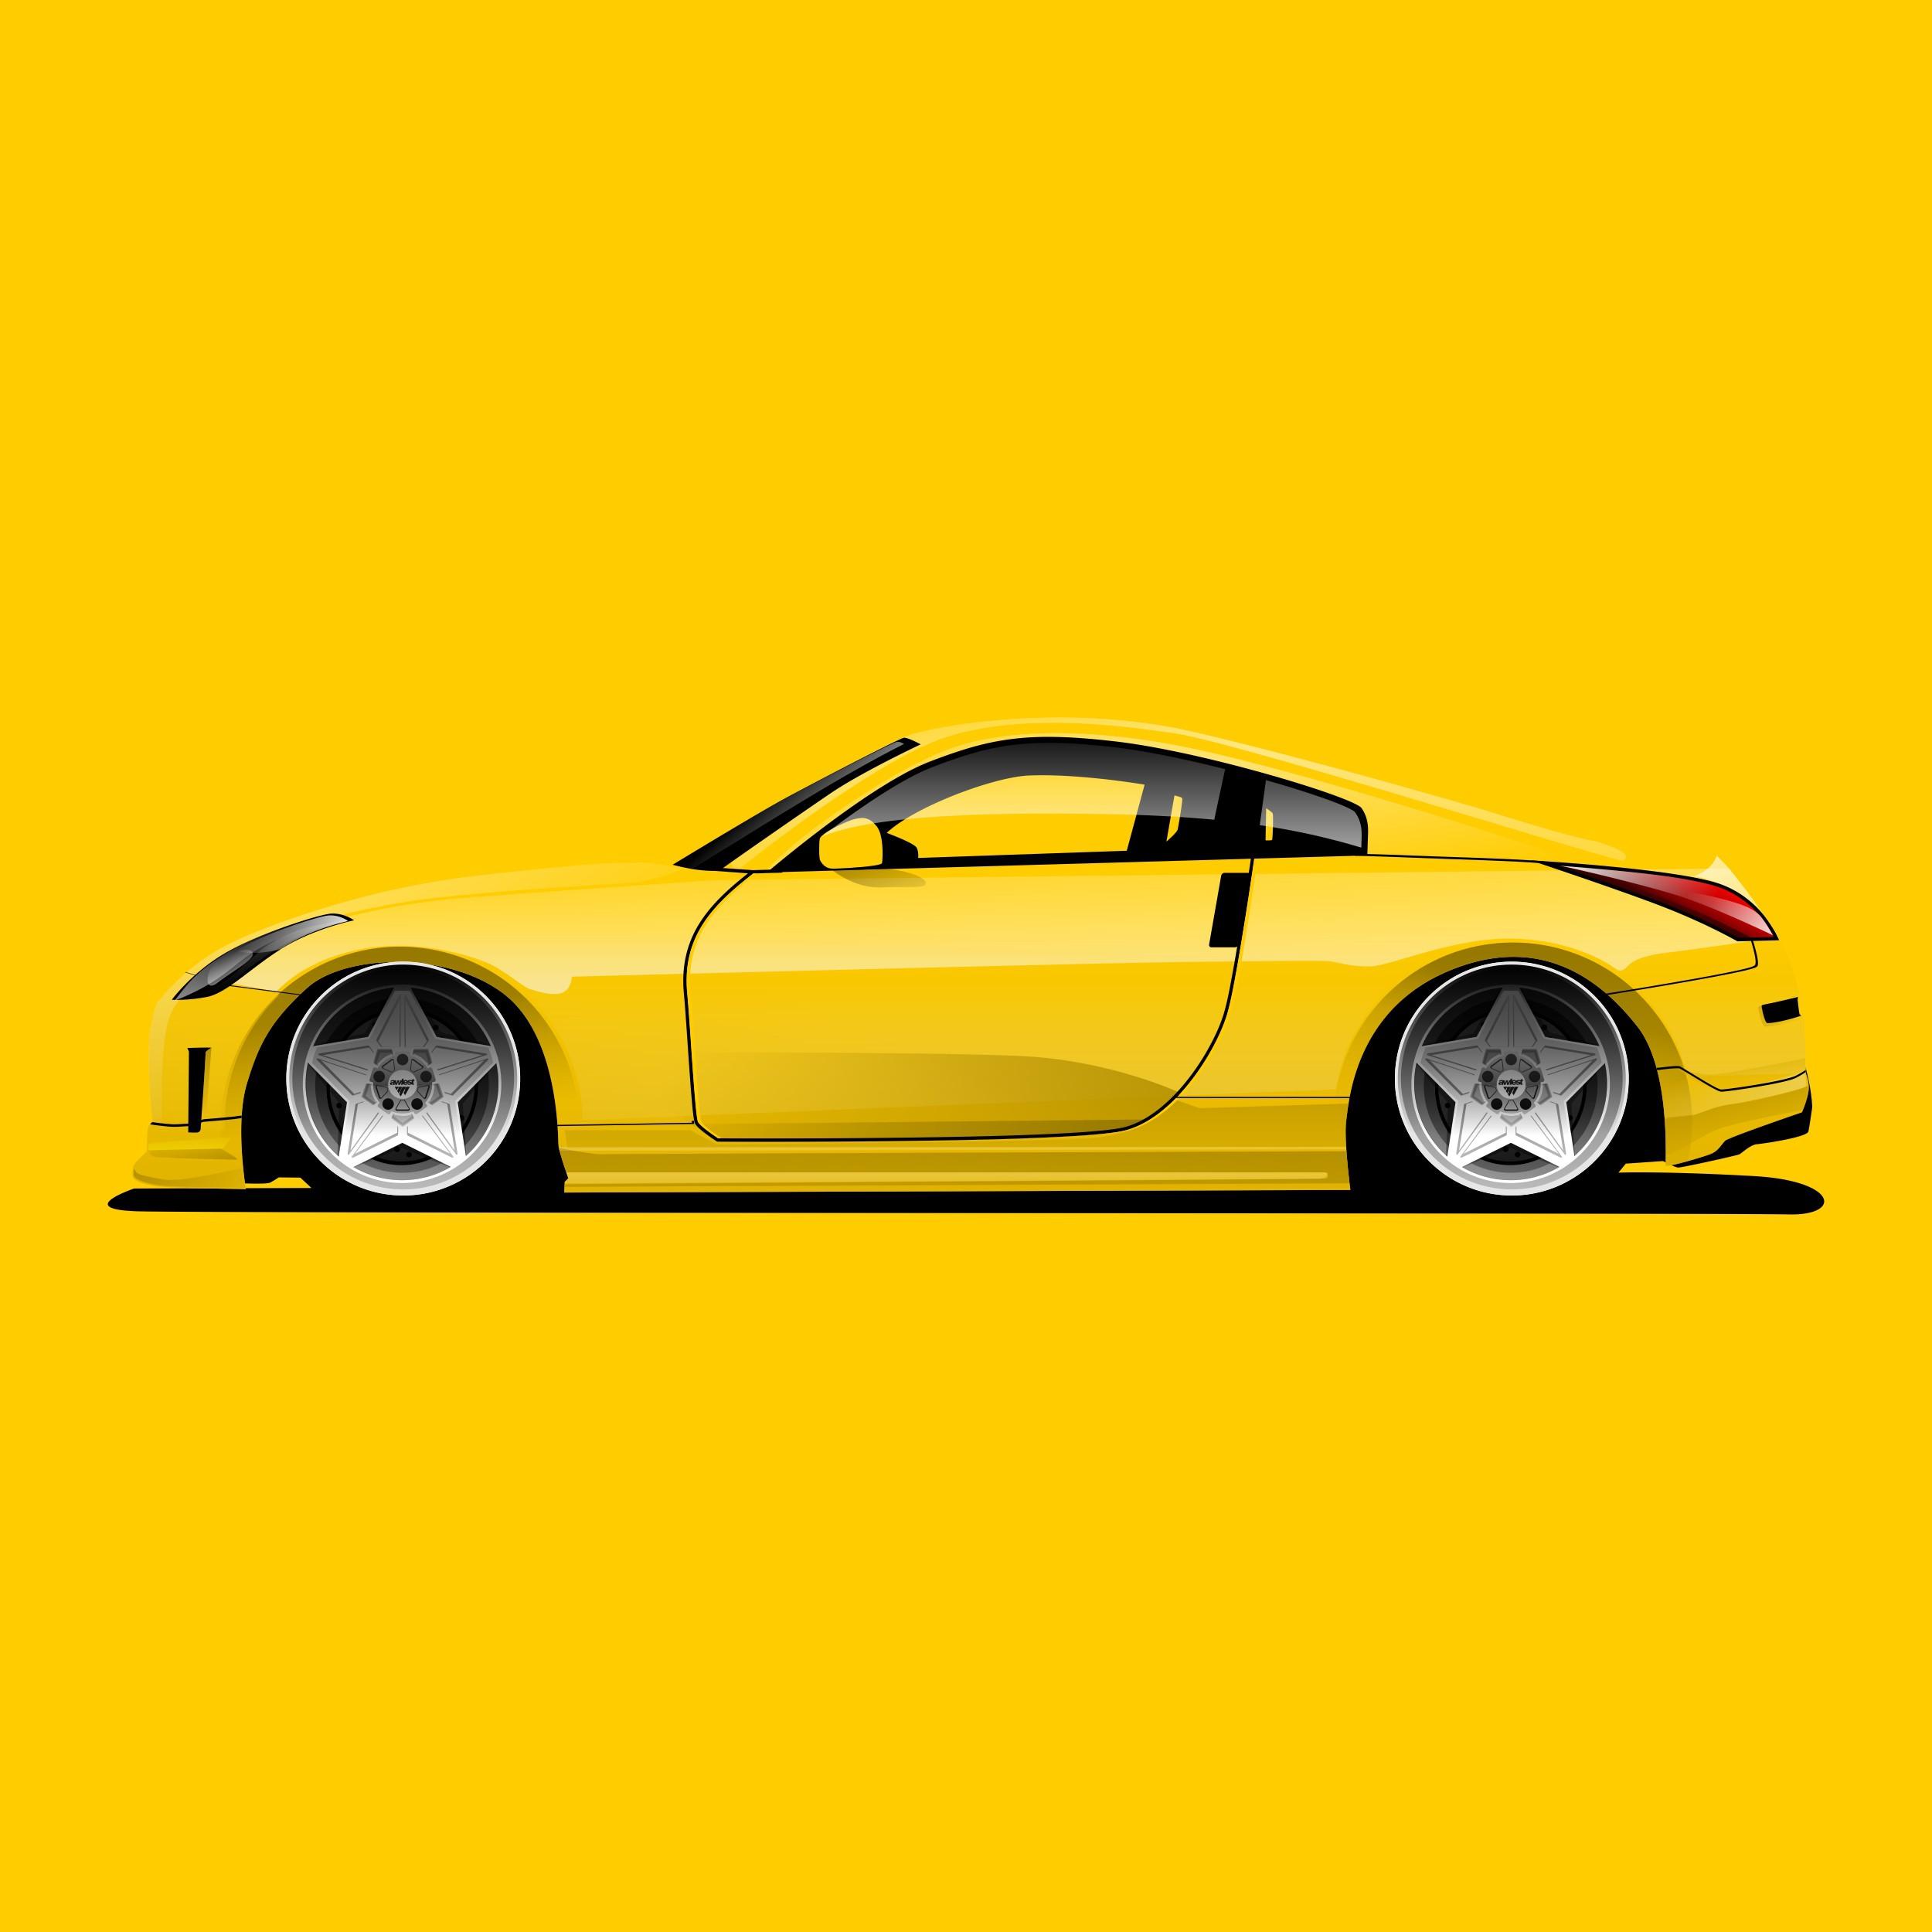 Side vieuw car artwork